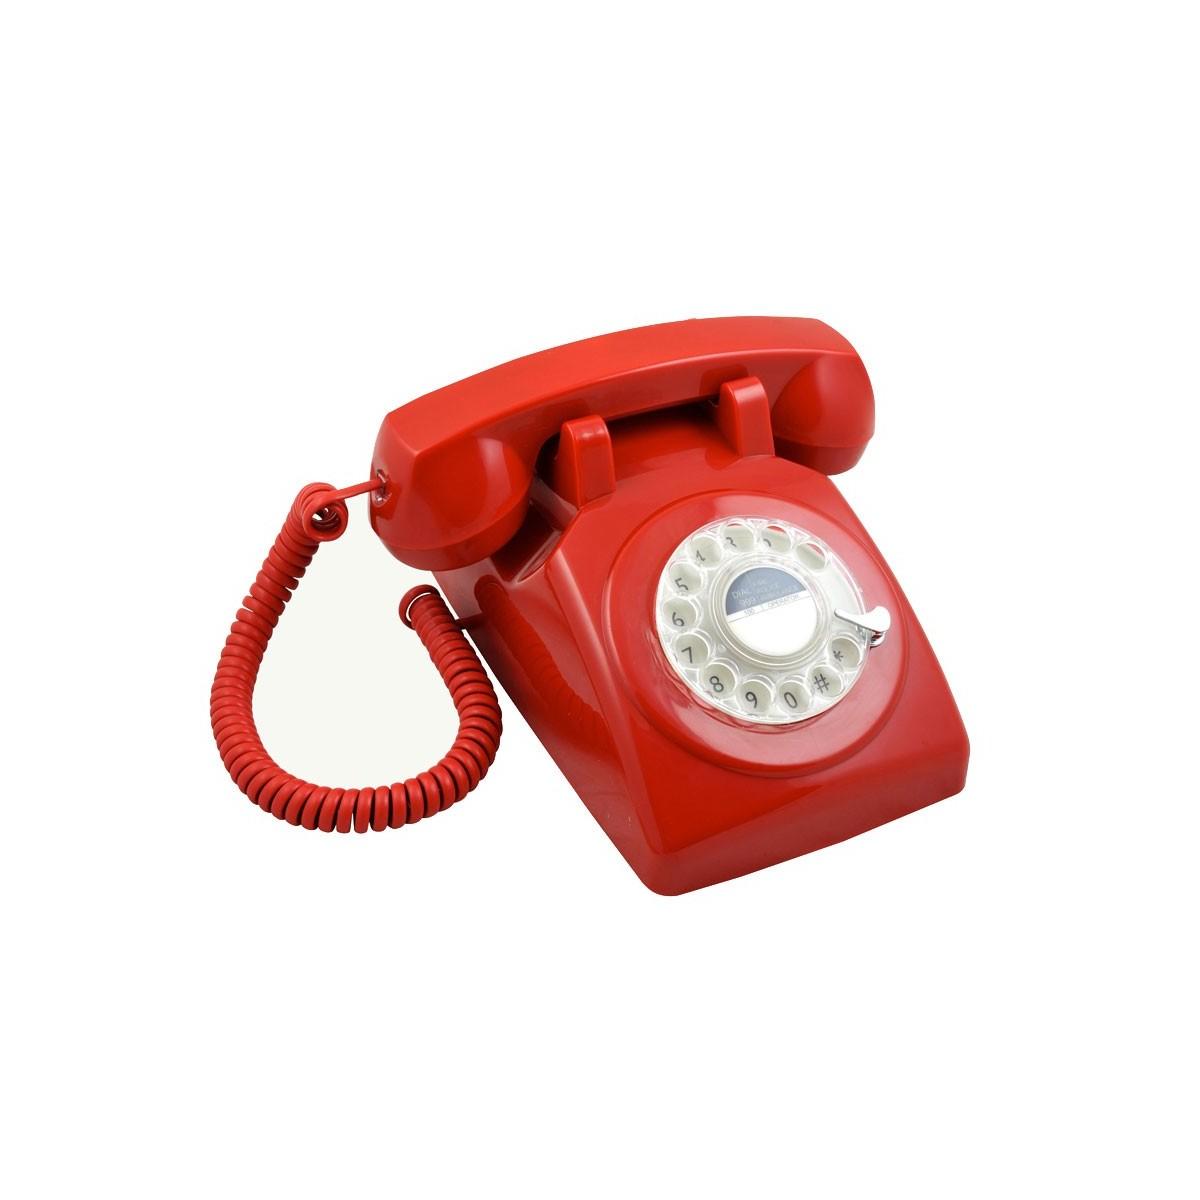 Telfono Retro Latest En El Telfono Retro Foto De Stock Libre De Derechos Good Telfono Retro